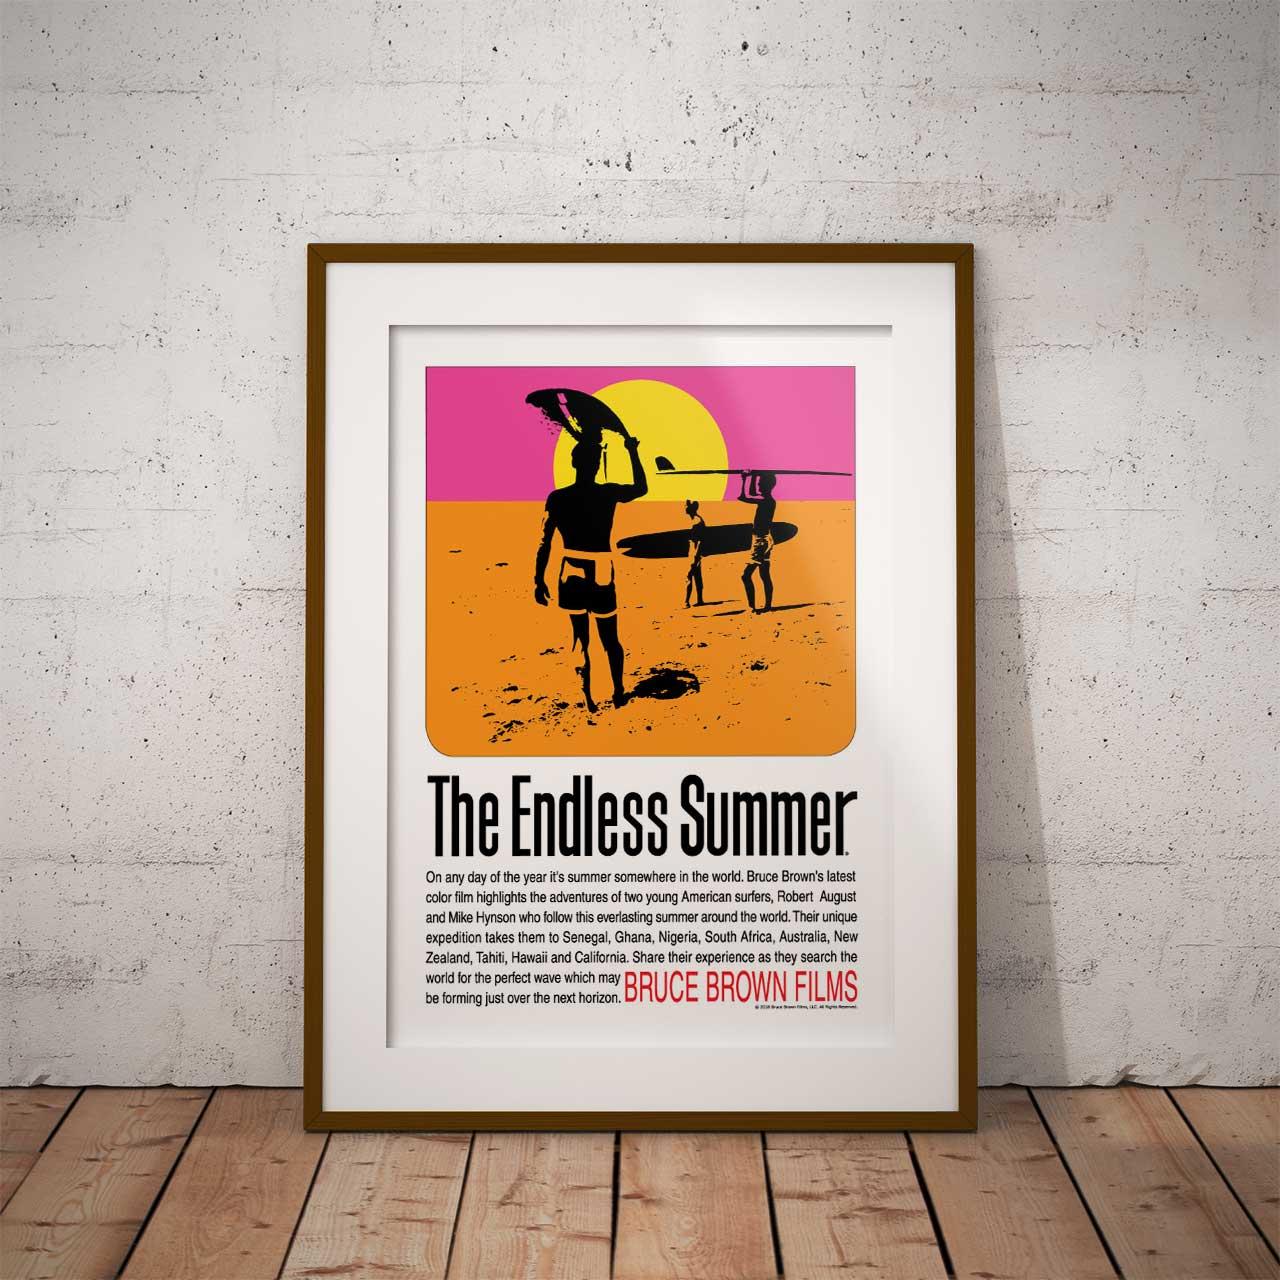 【ブルース・ブラウンフィルム】A3ポスター・The Endless Summer (エンドレスサマー)・オリジナル